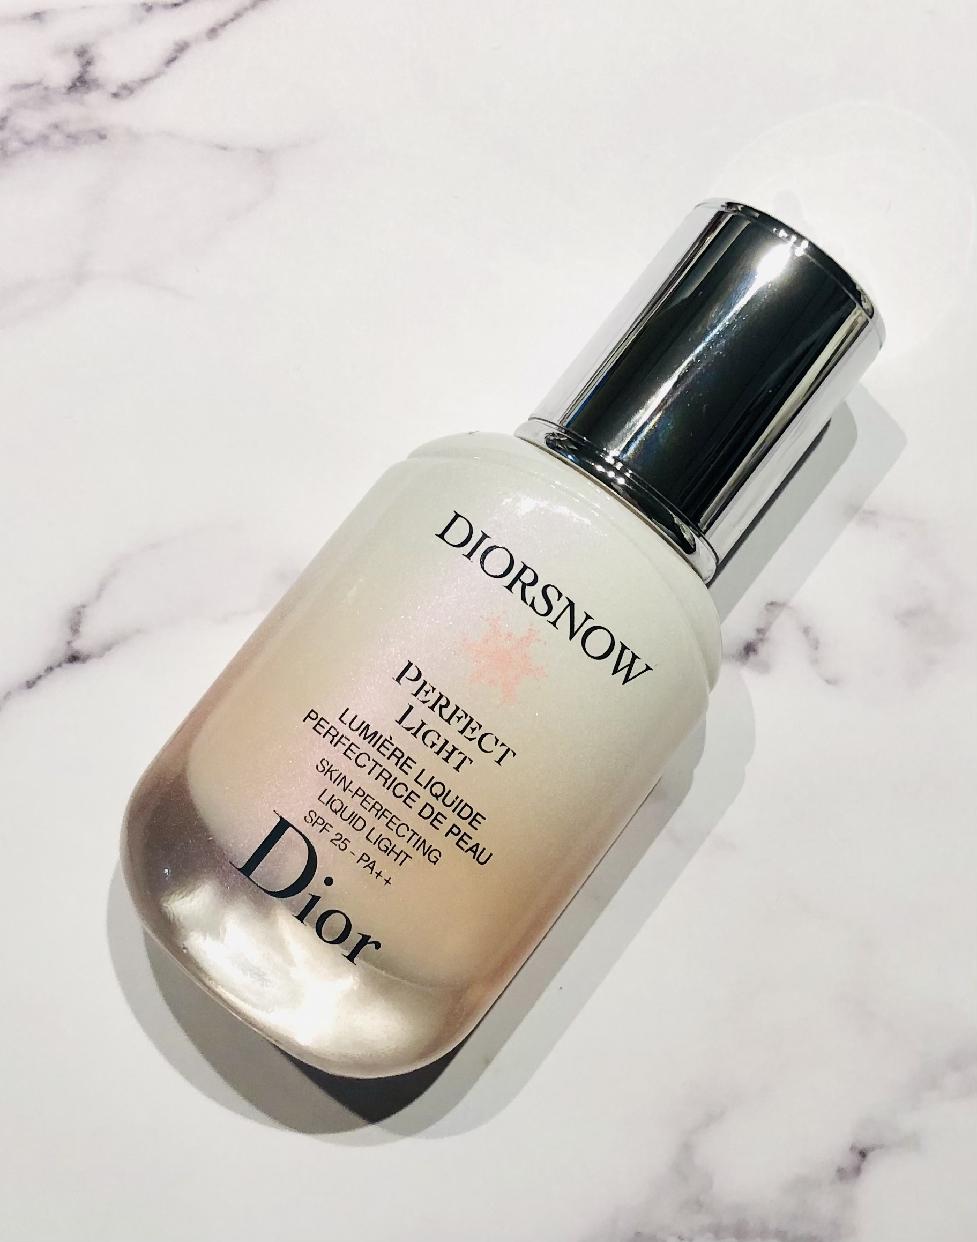 Dior(ディオール) スノー パーフェクト ライトを使ったしいちゃんさんのクチコミ画像1